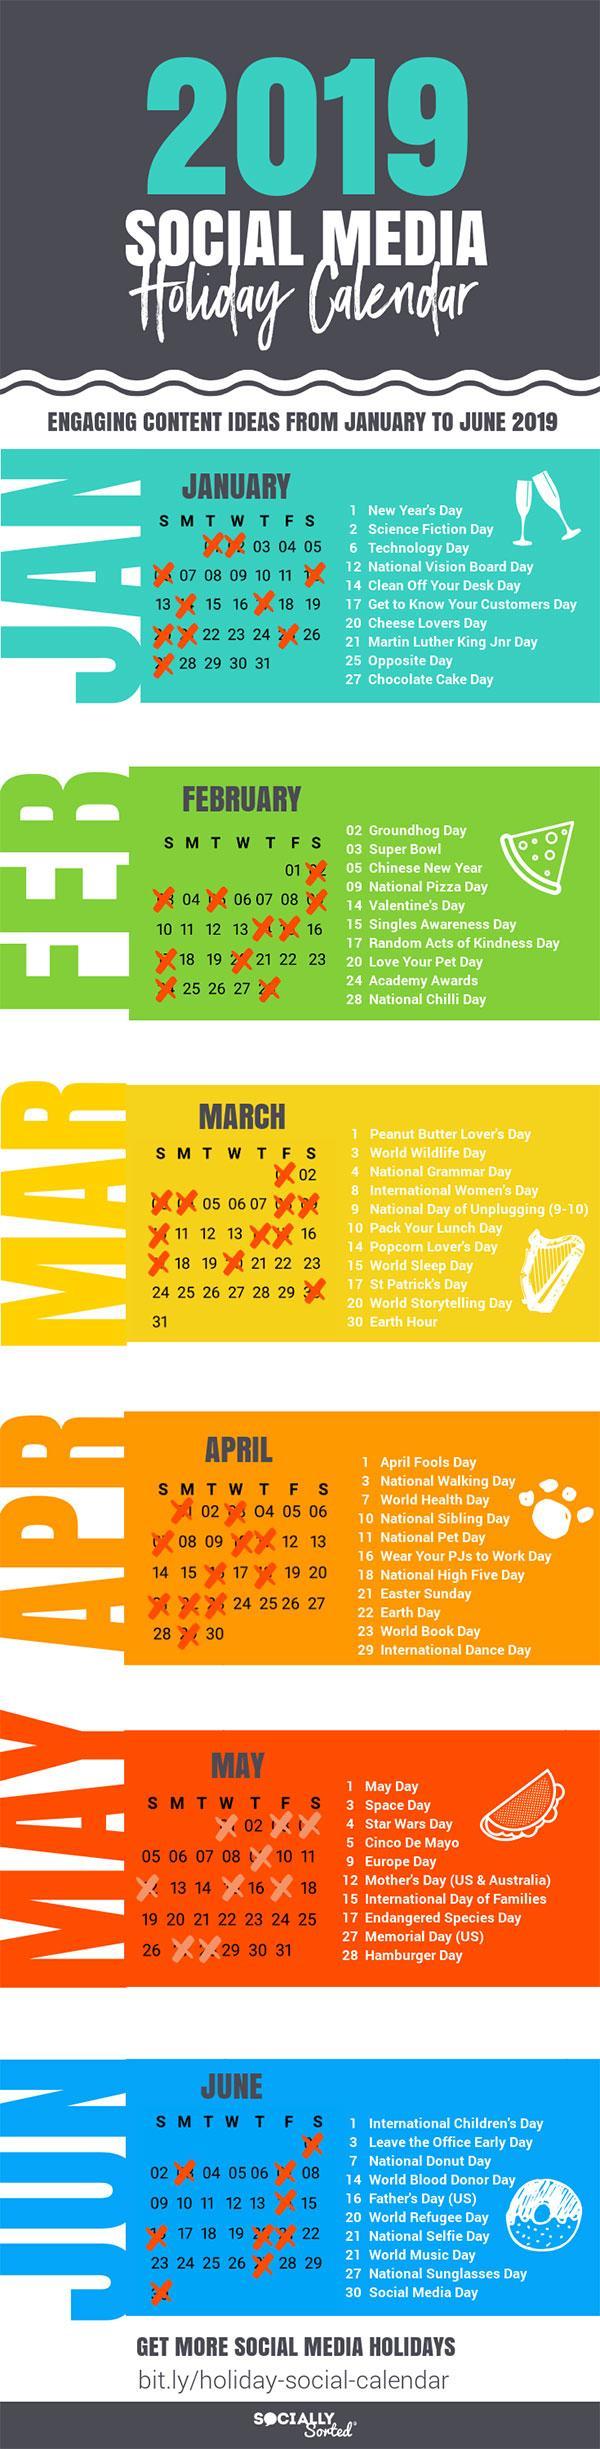 Awesome Social Media Content Calendar For 2019 Holidays